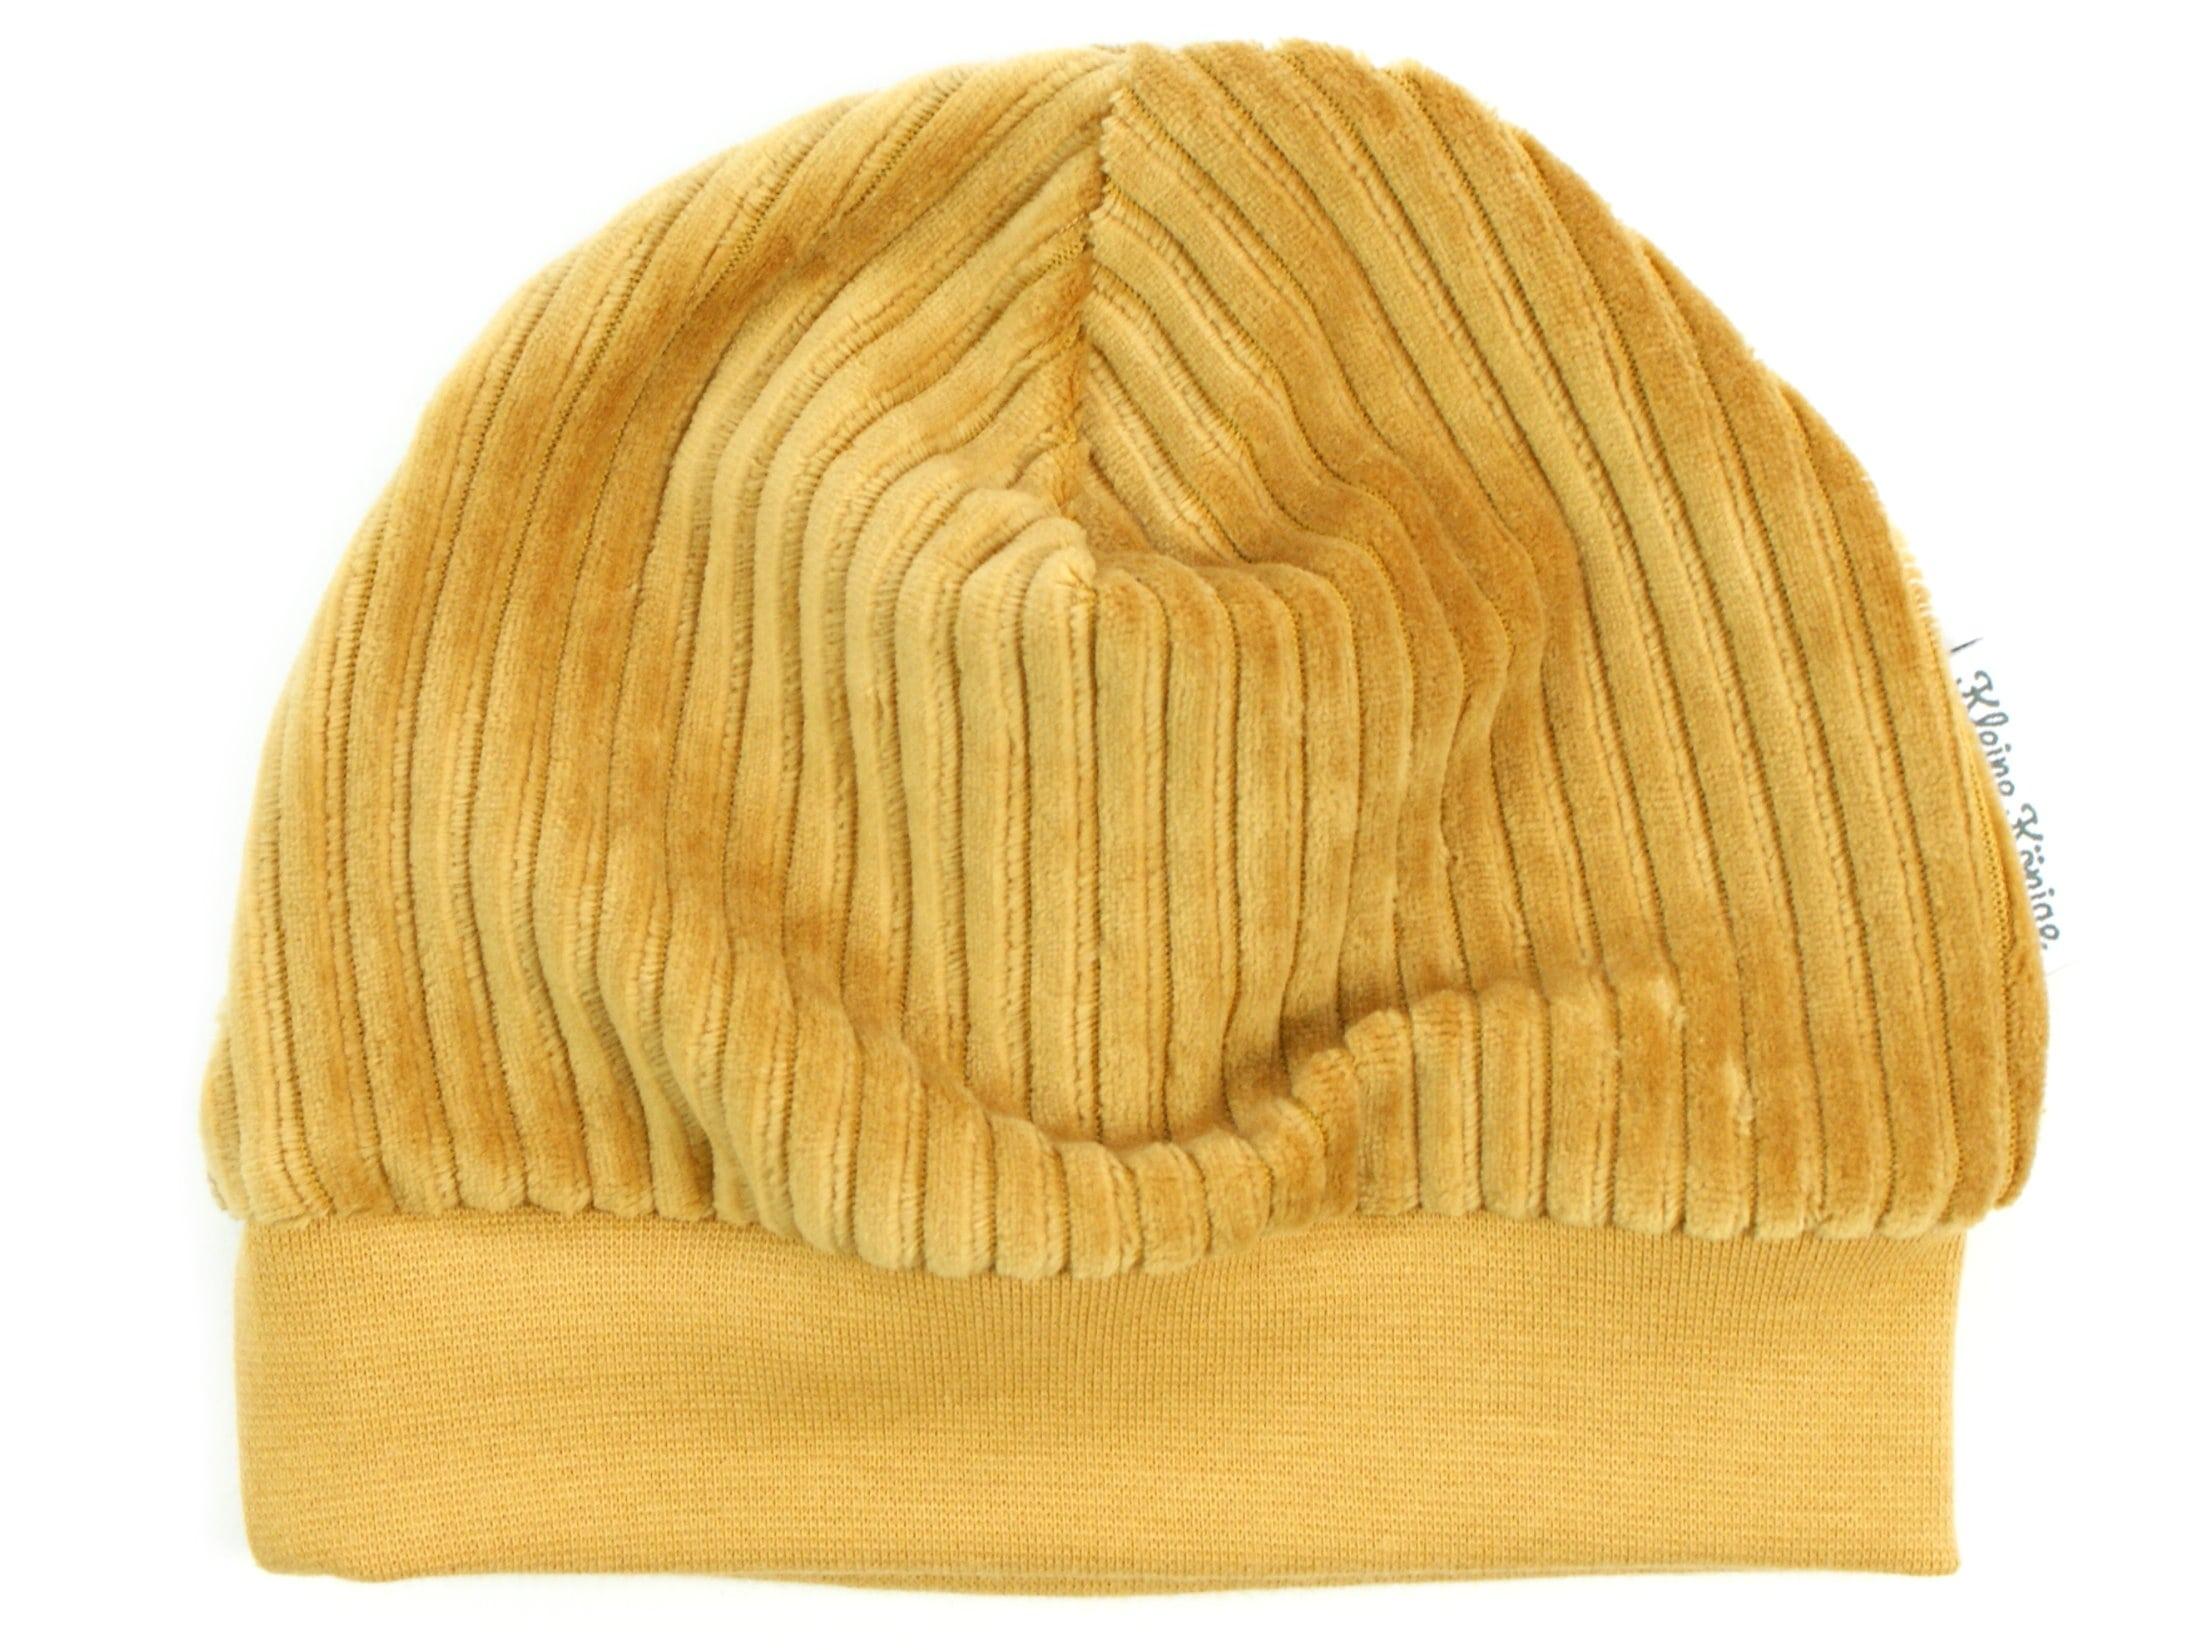 Kindermütze aus Rippjersey camel